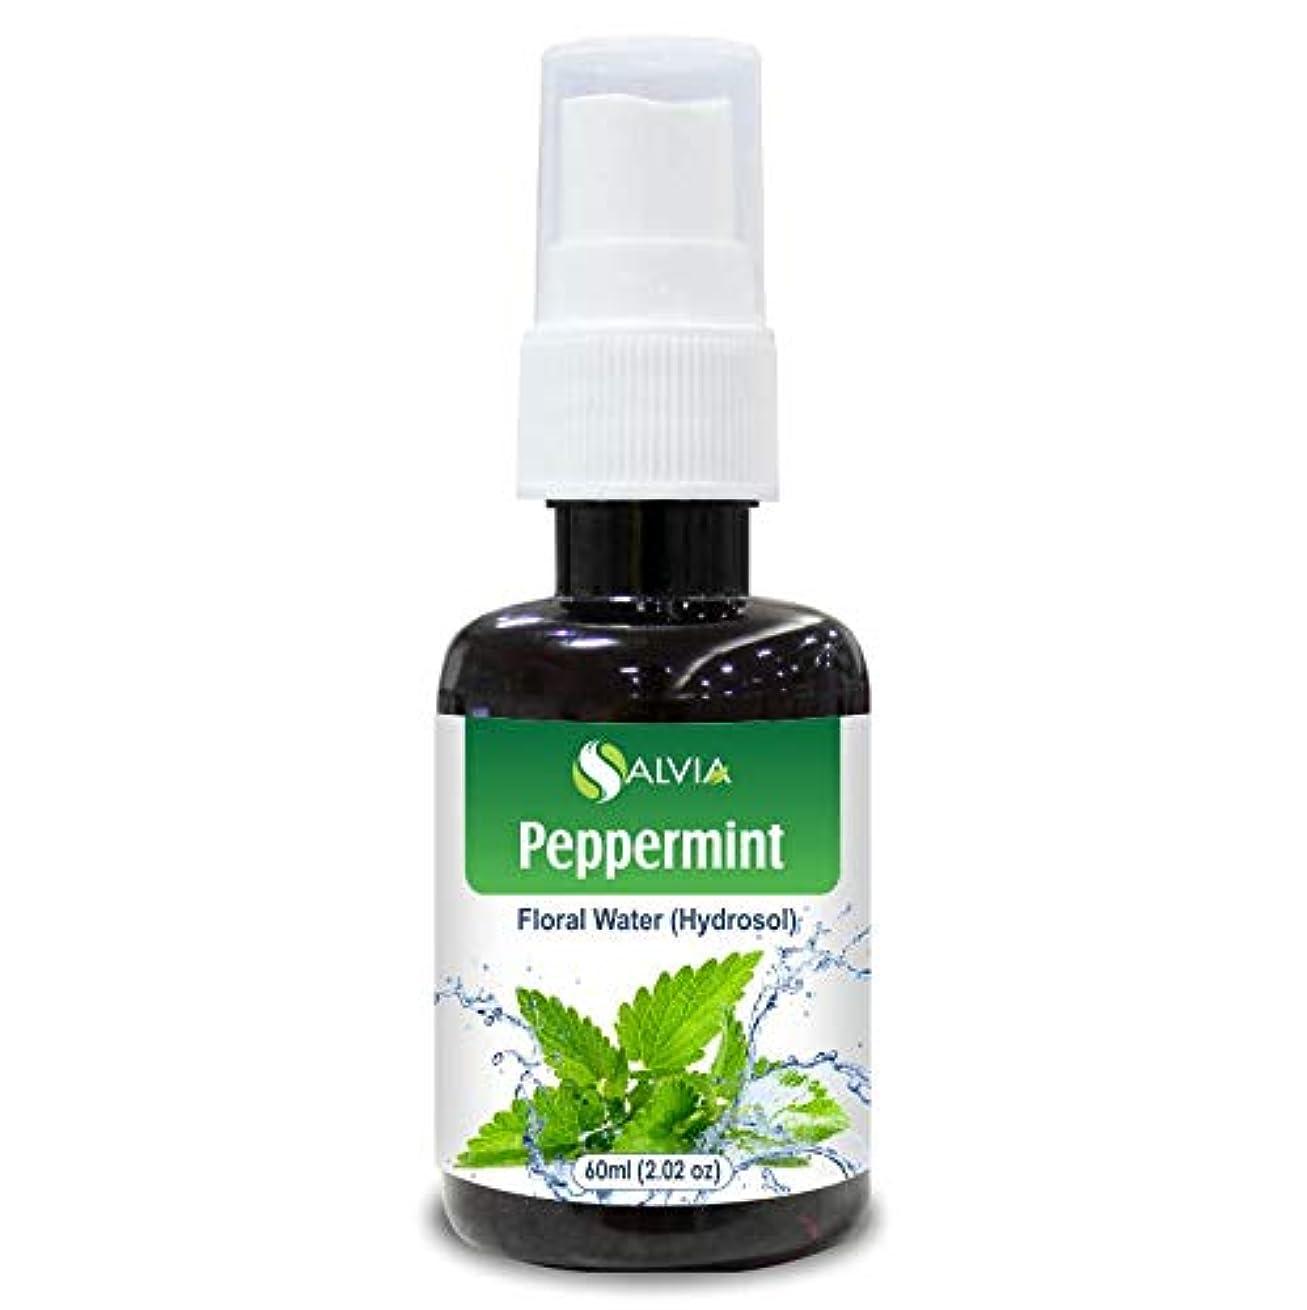 マイルストーンアセ欠員Peppermint Floral Water 60ml (Hydrosol) 100% Pure And Natural